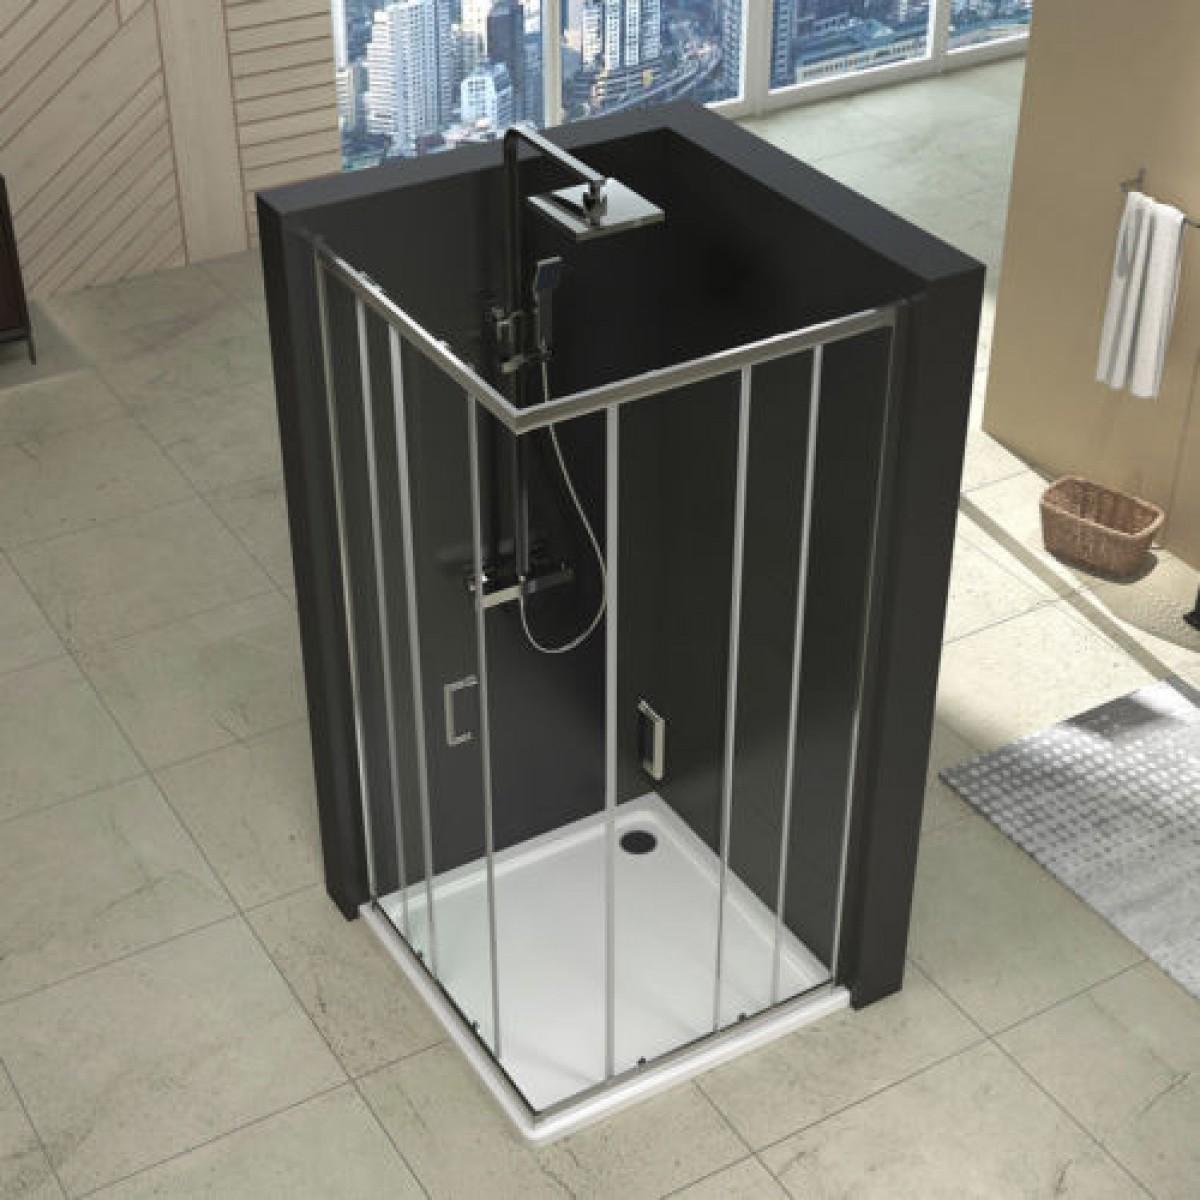 duschkabine 80x80 mit duschtasse duschabtrennung. Black Bedroom Furniture Sets. Home Design Ideas